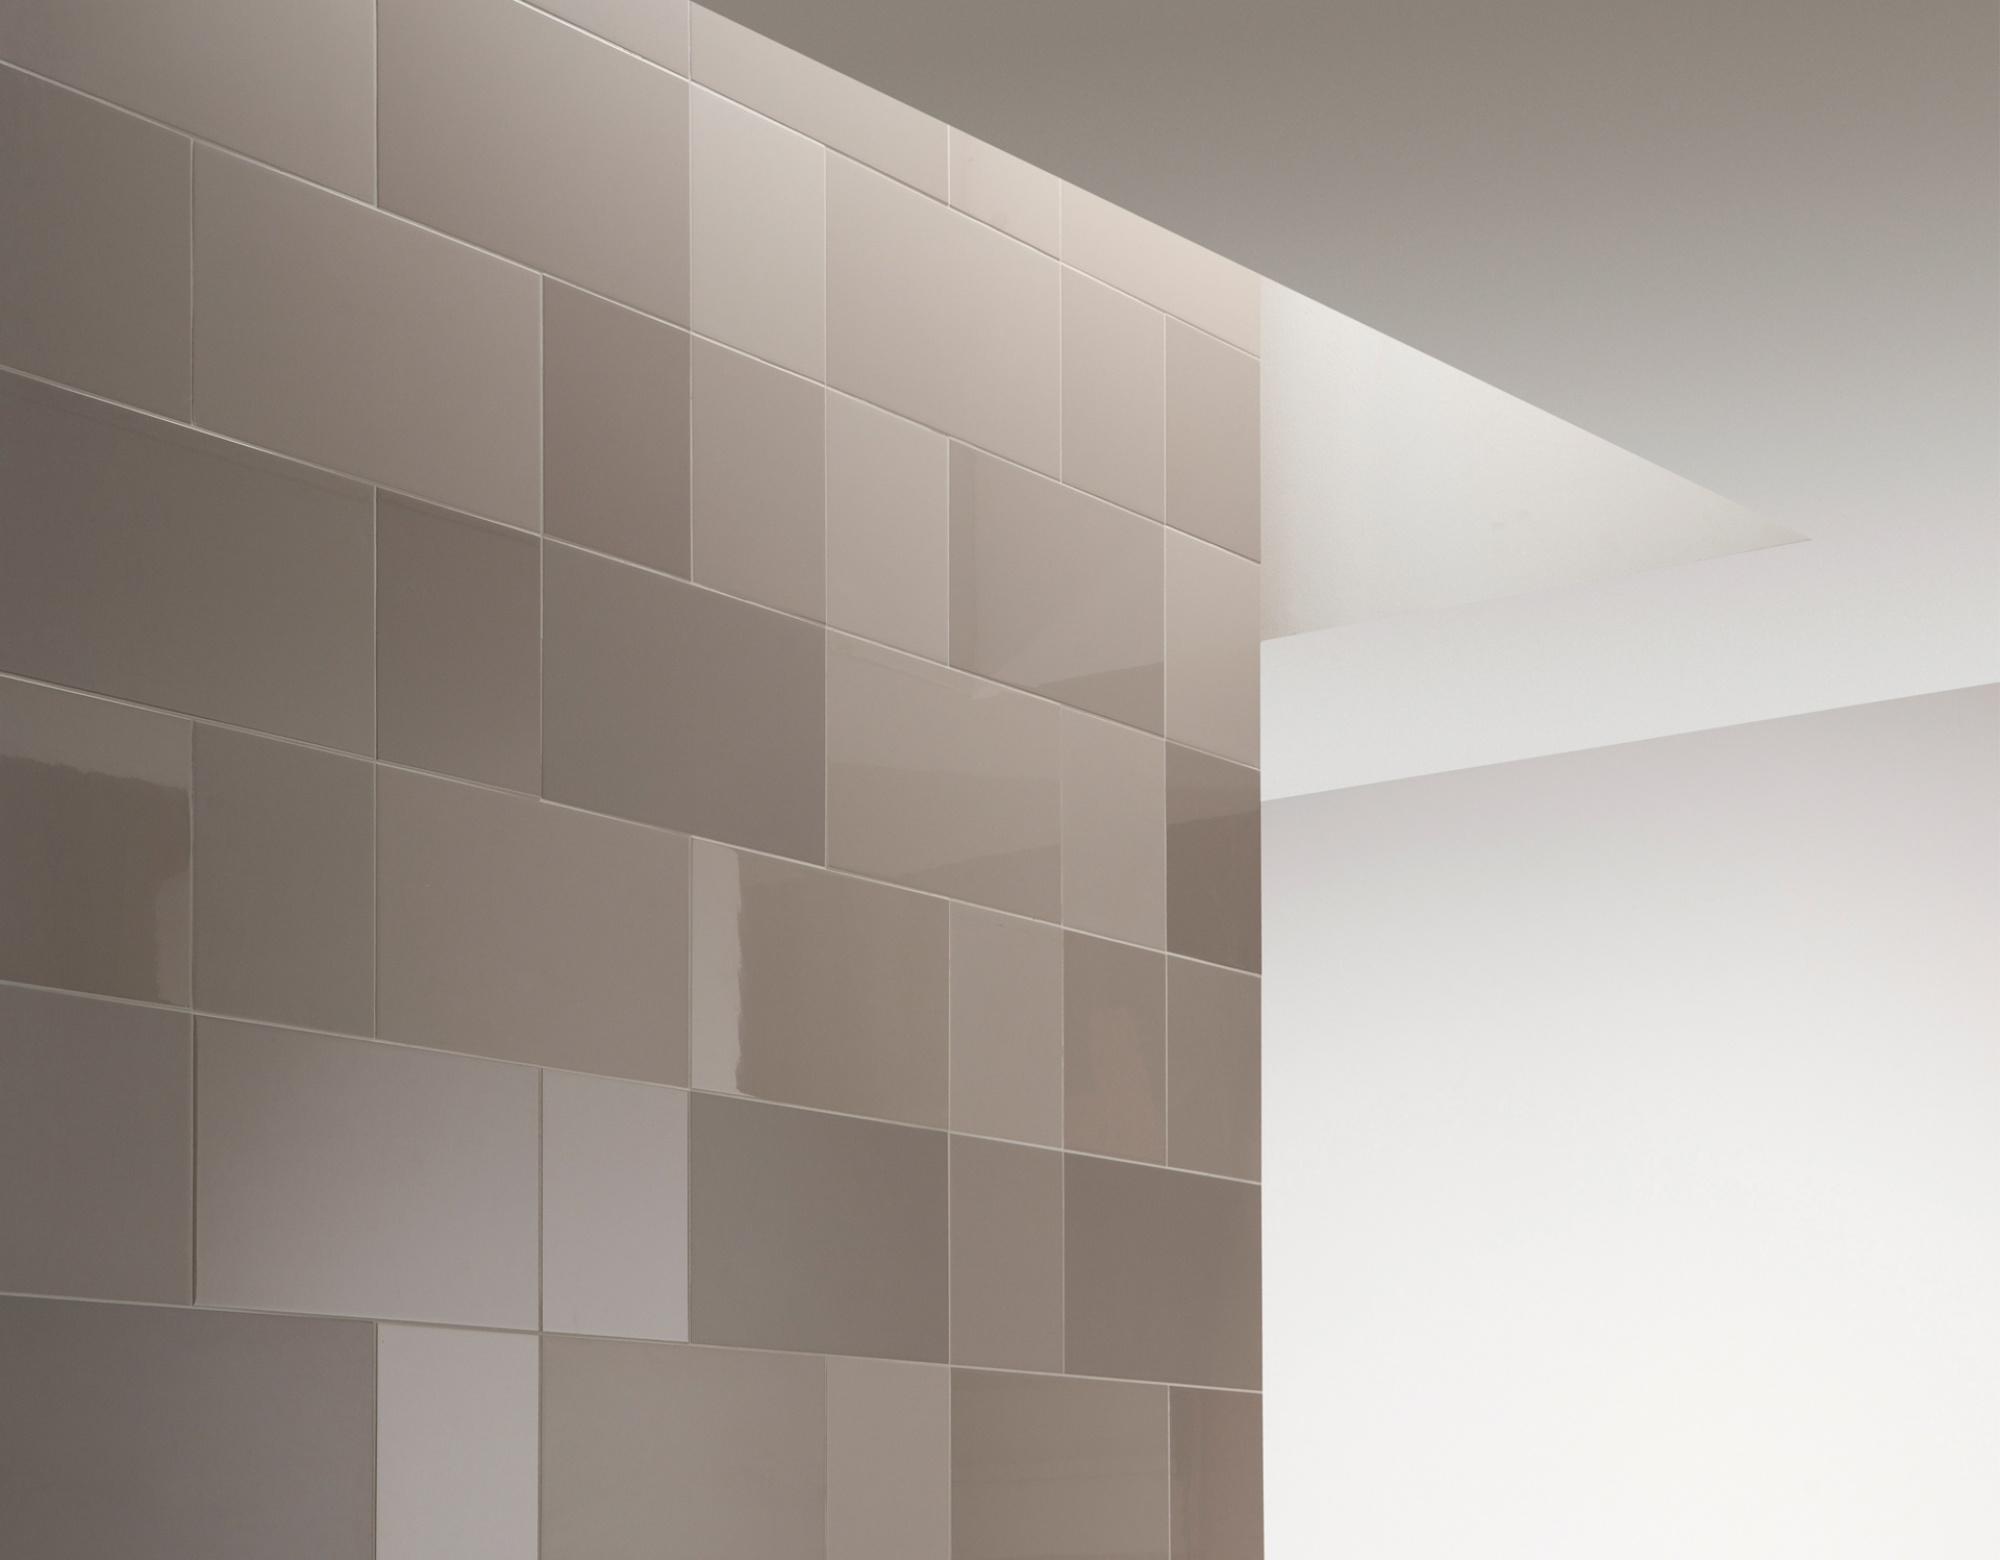 Mosa Tegels 15x15 : Murals blend u e mosa tegels